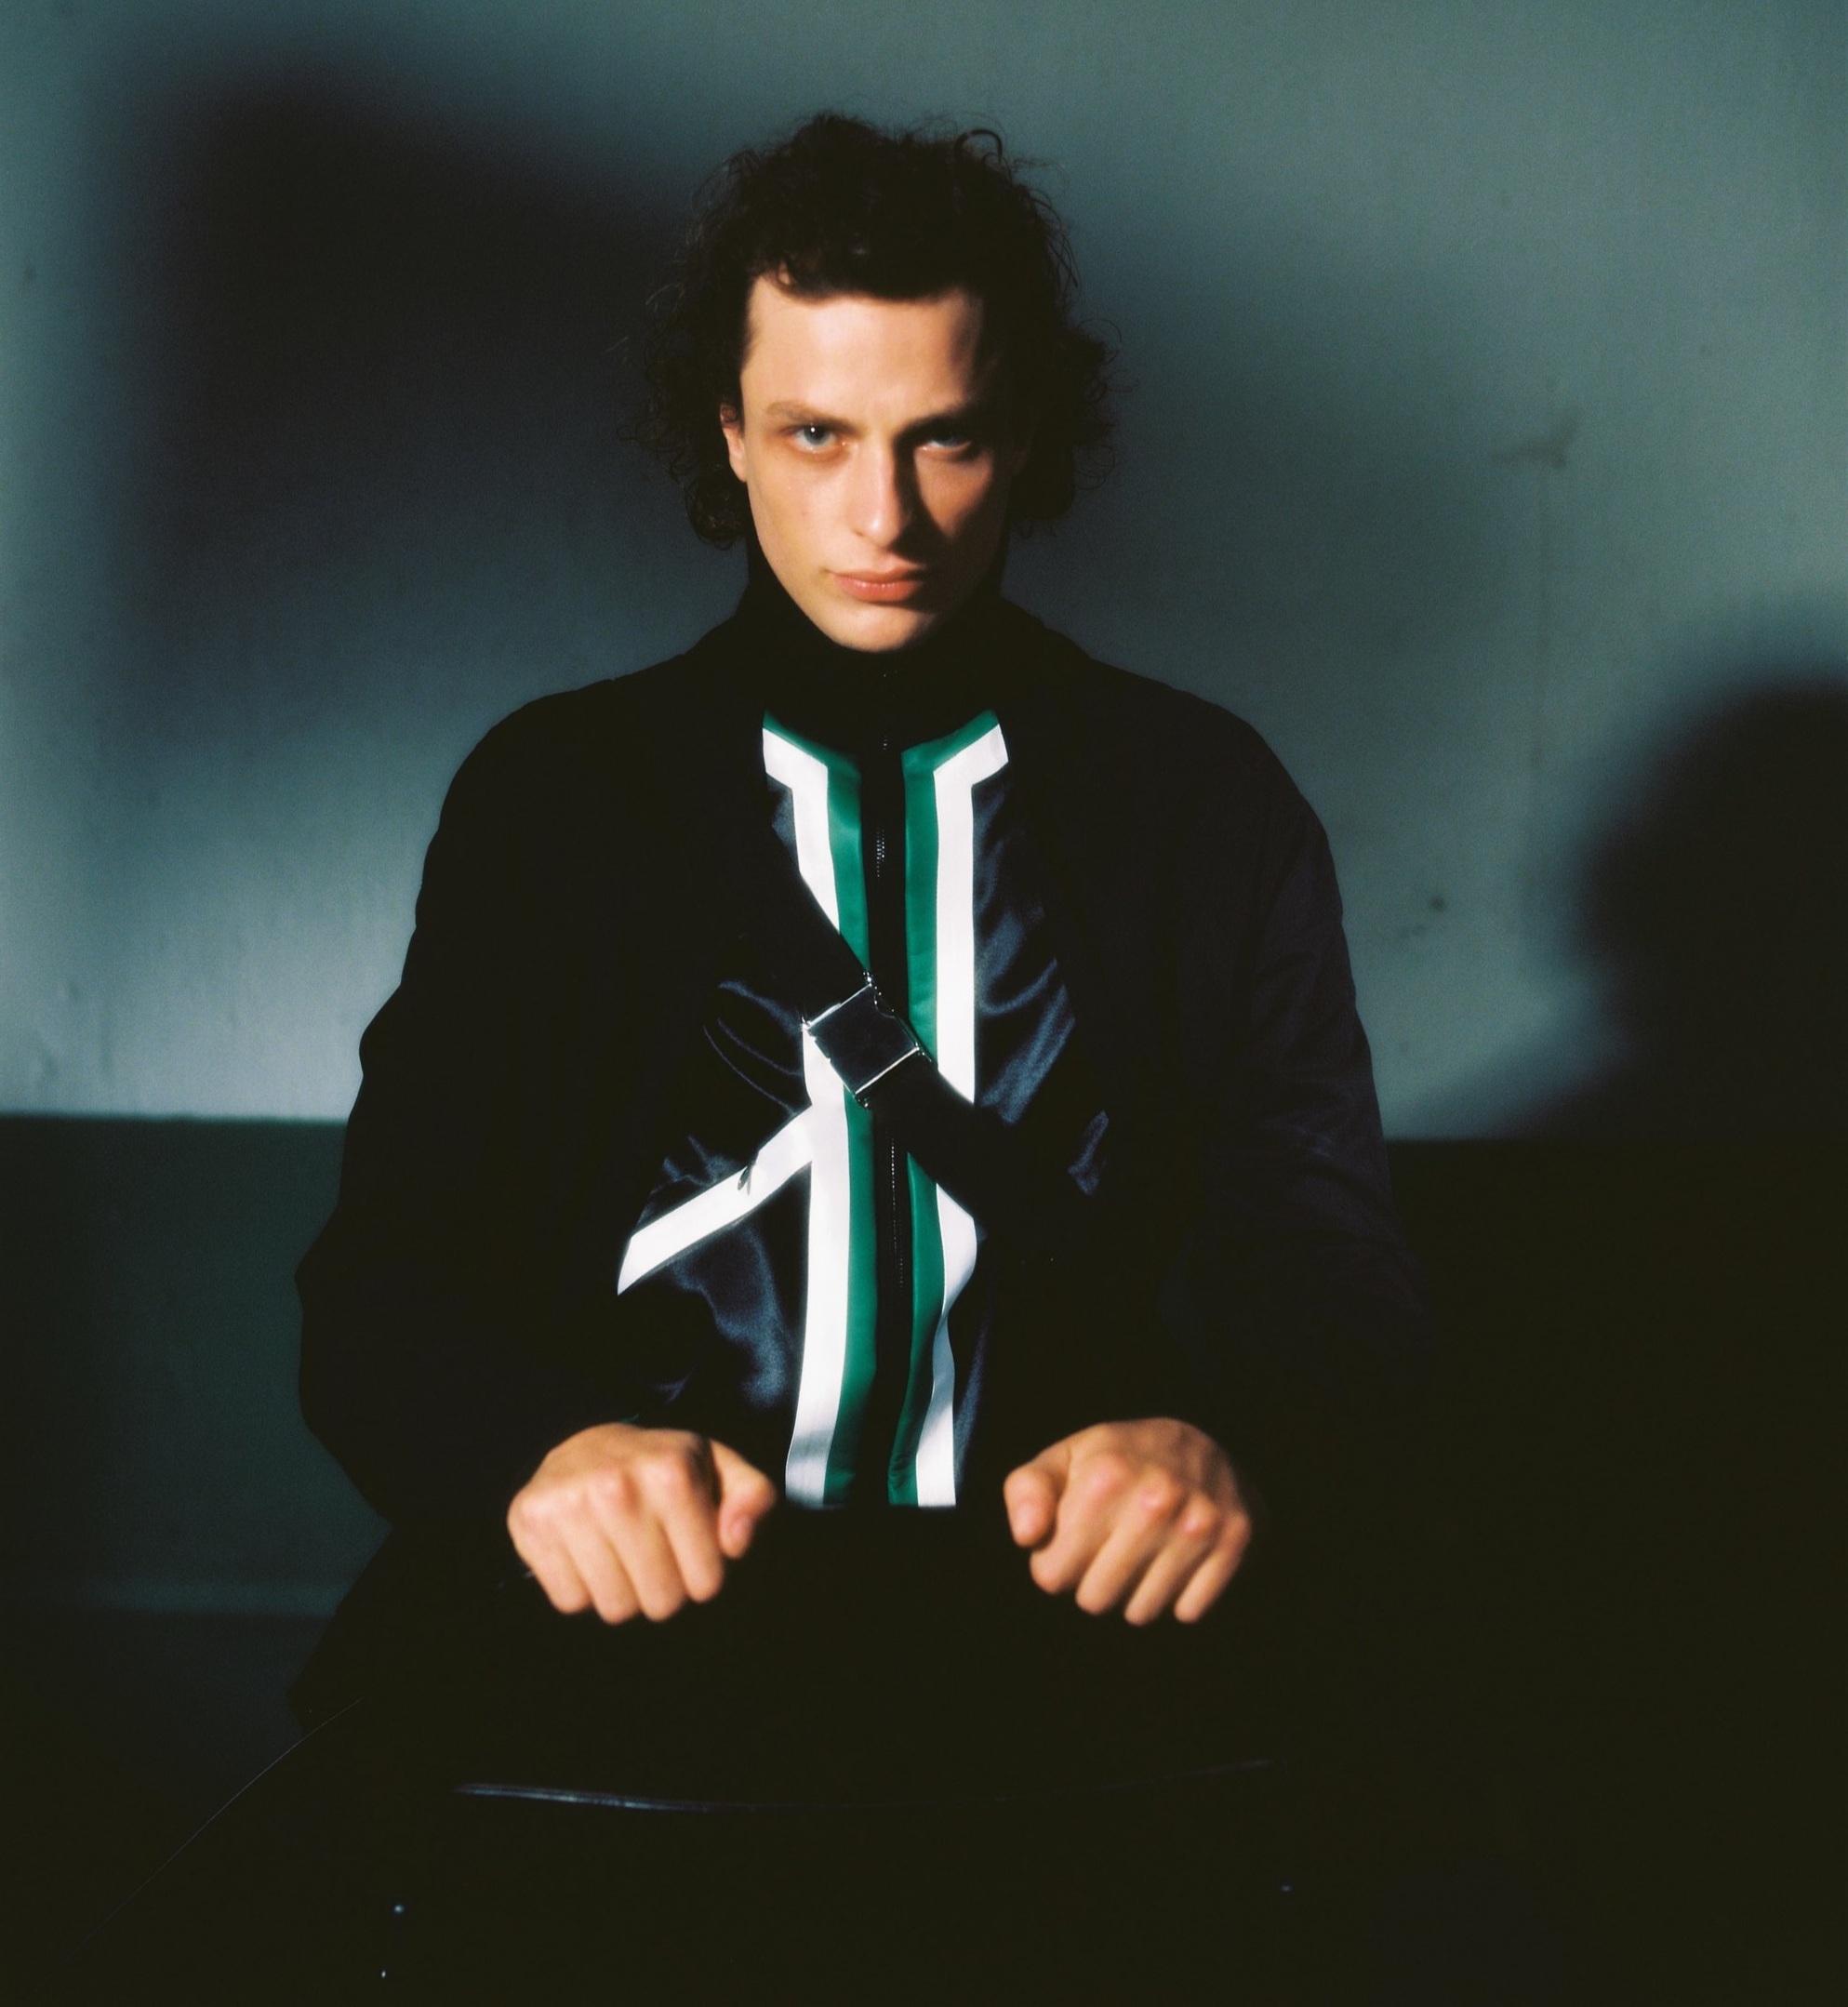 Louis Meunier - #techno #éléctronique #hiphop